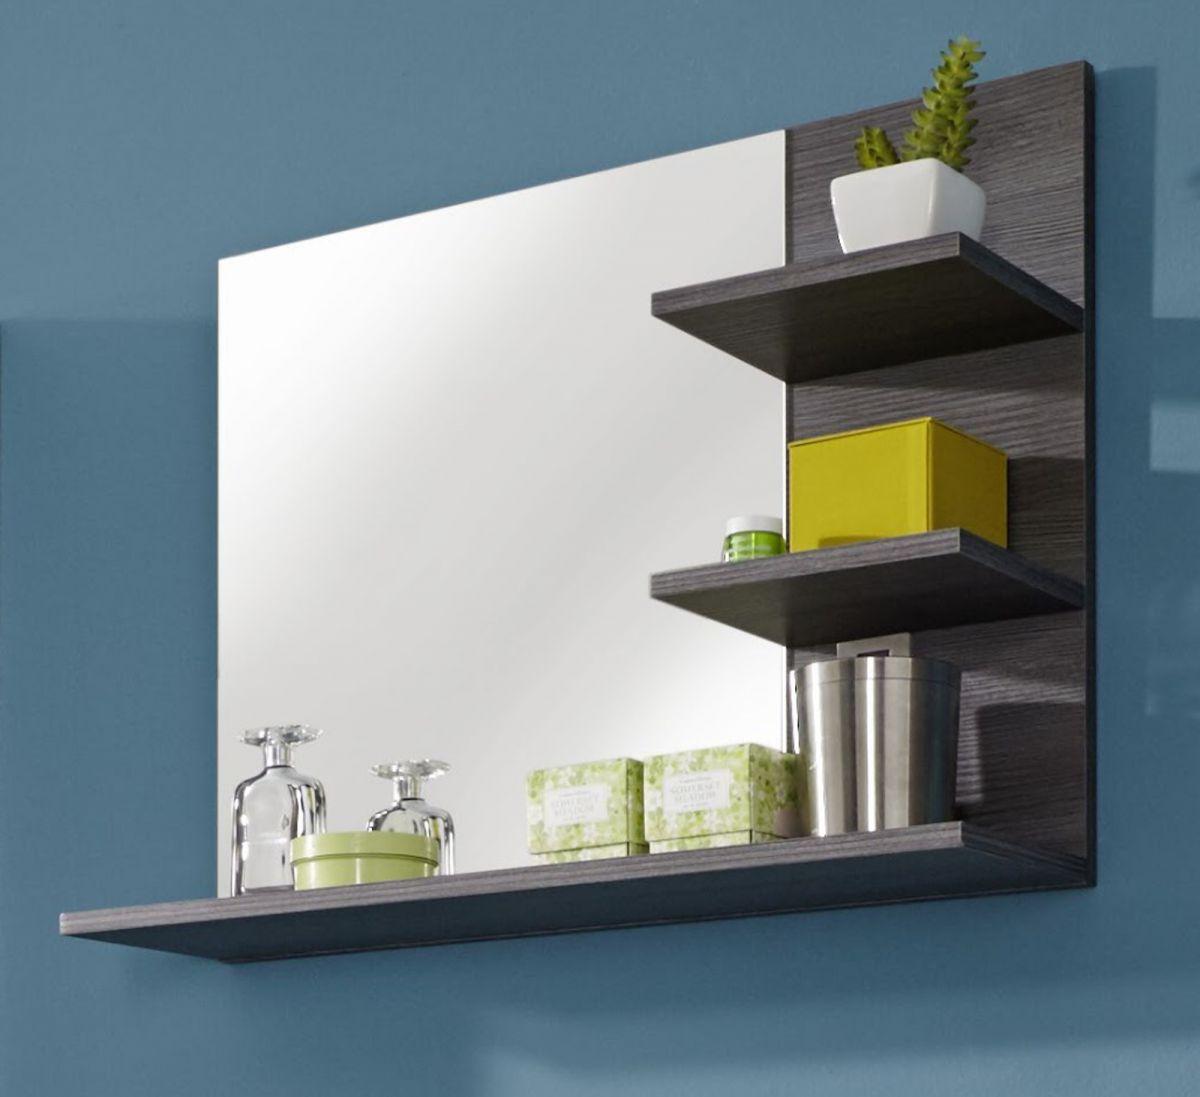 Badezimmer Bad Spiegel Miami Sardegna Rauchsilber grau mit Ablagen 70 cm